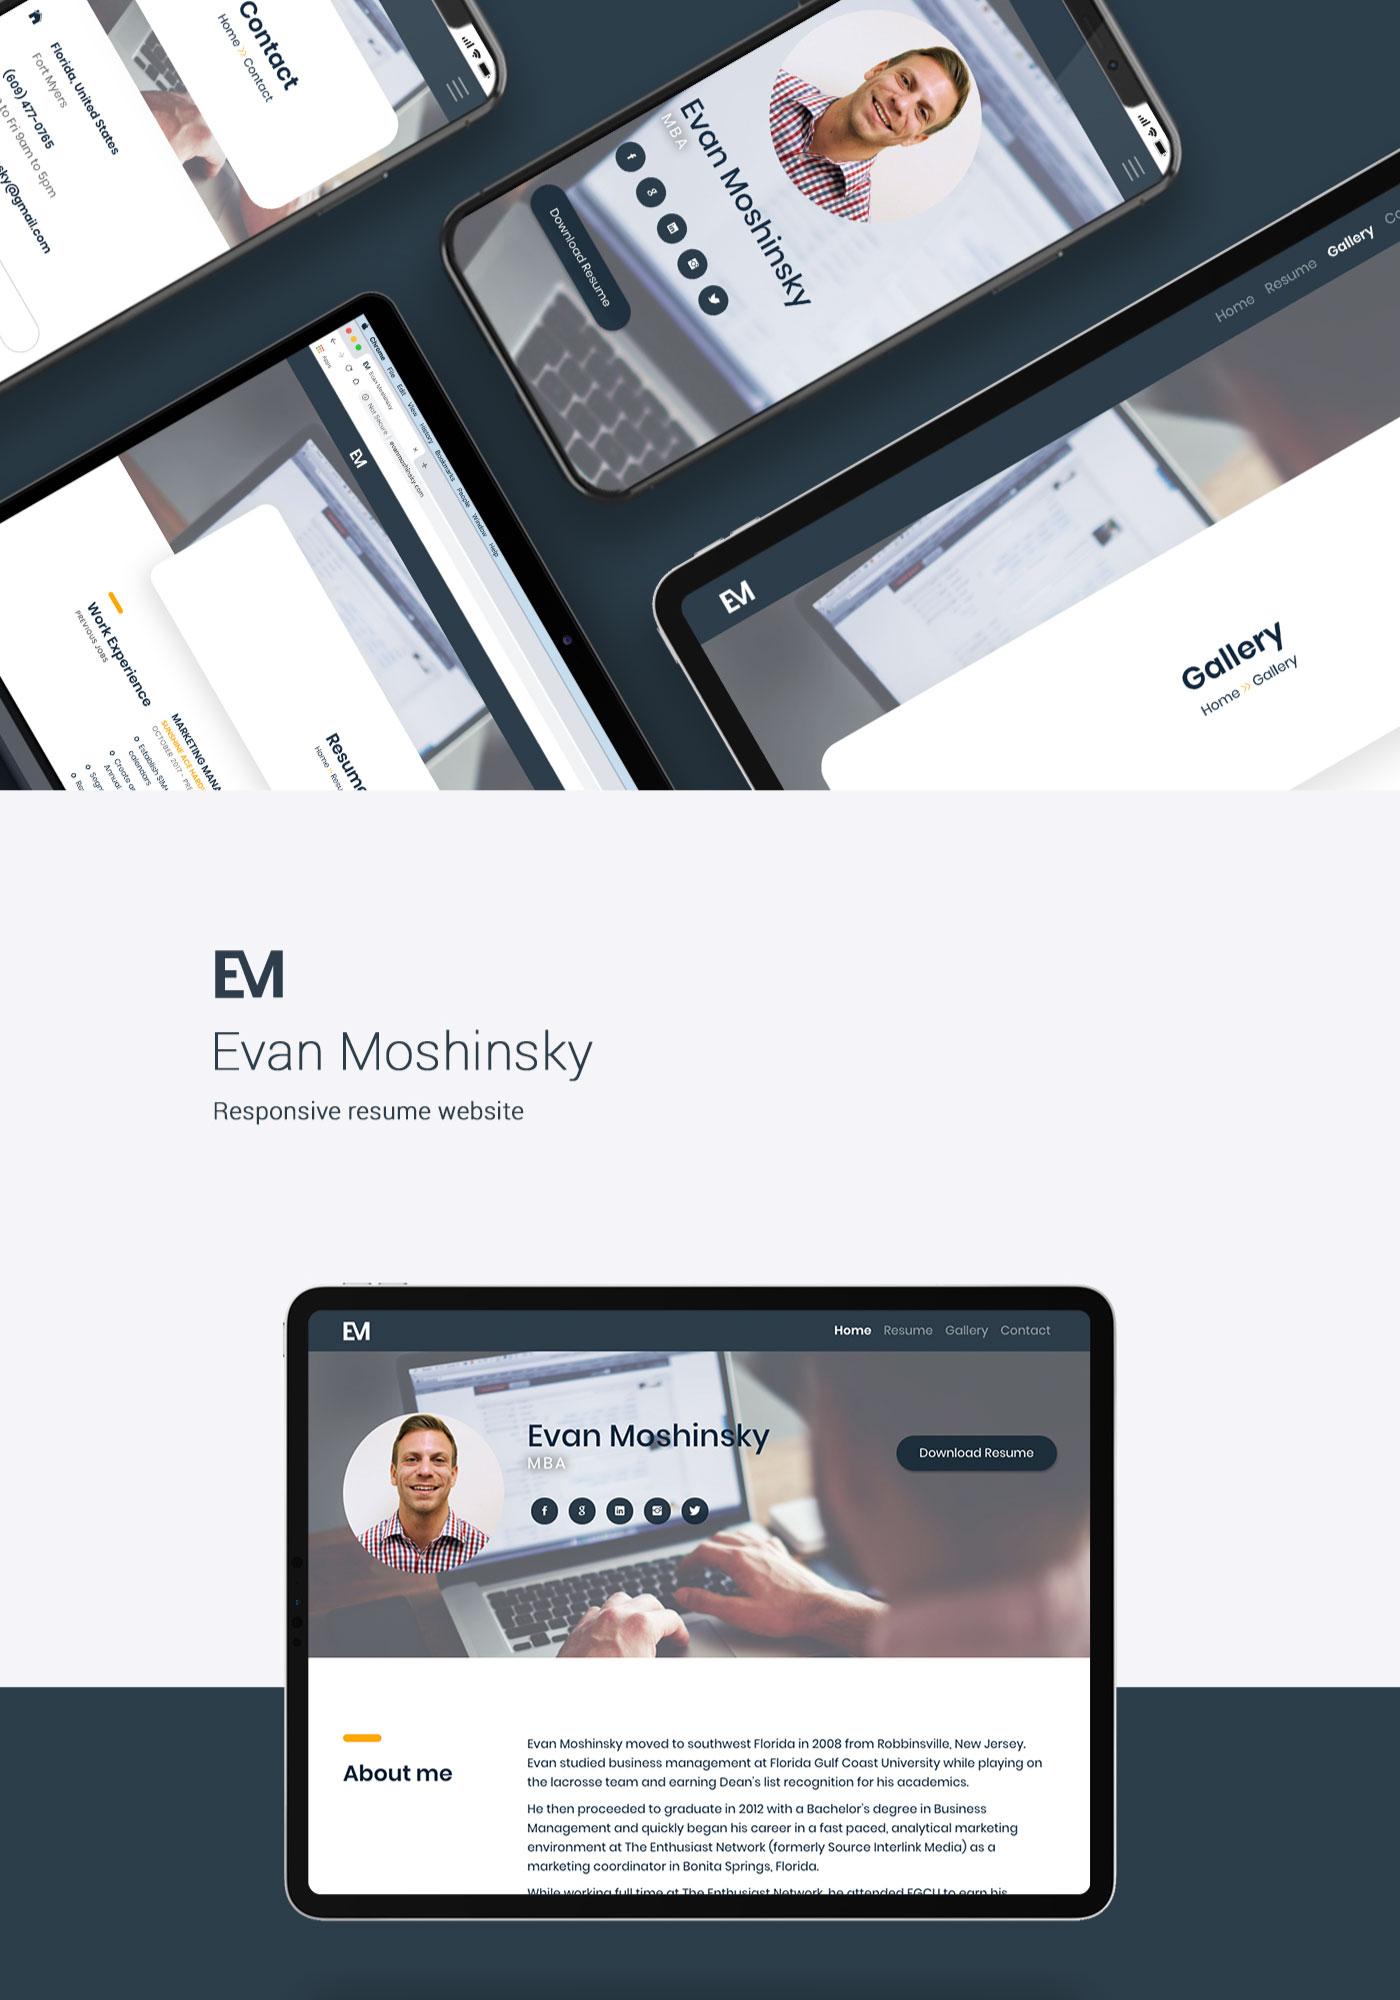 Evan Moshinsky responsive website shown iPhone, iPad, and MacBook Pro